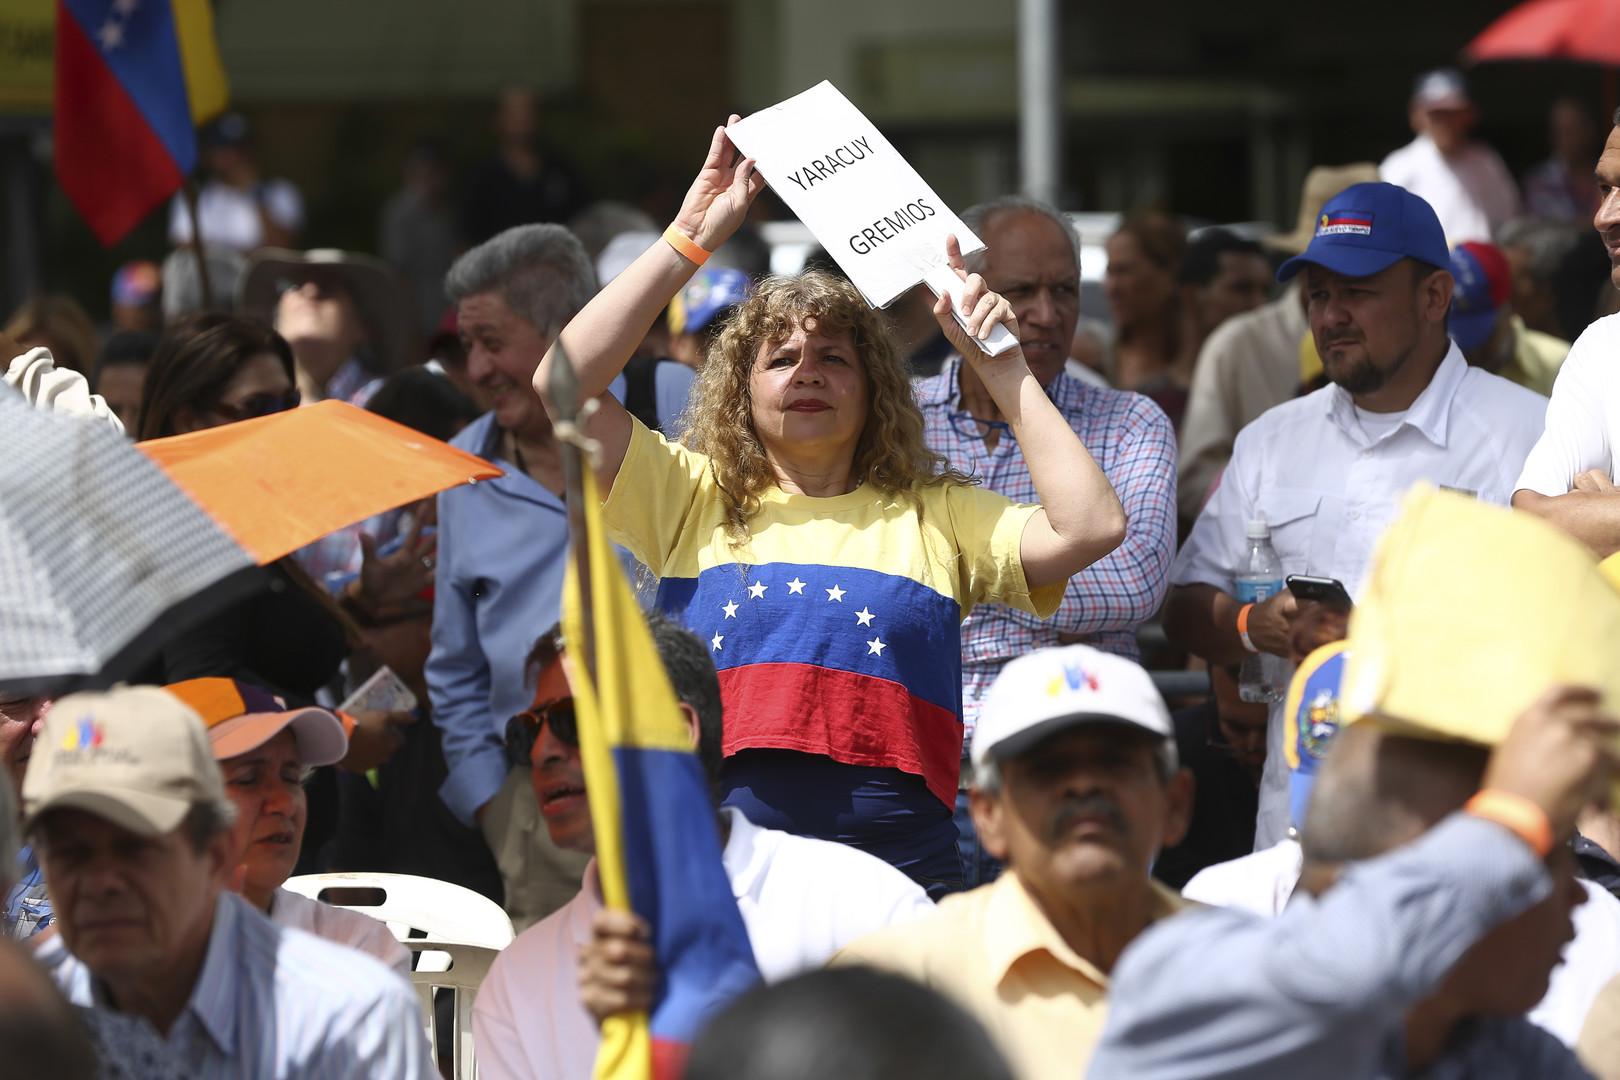 يطلبون حل أزمة فنزويلا على طريقة العراق